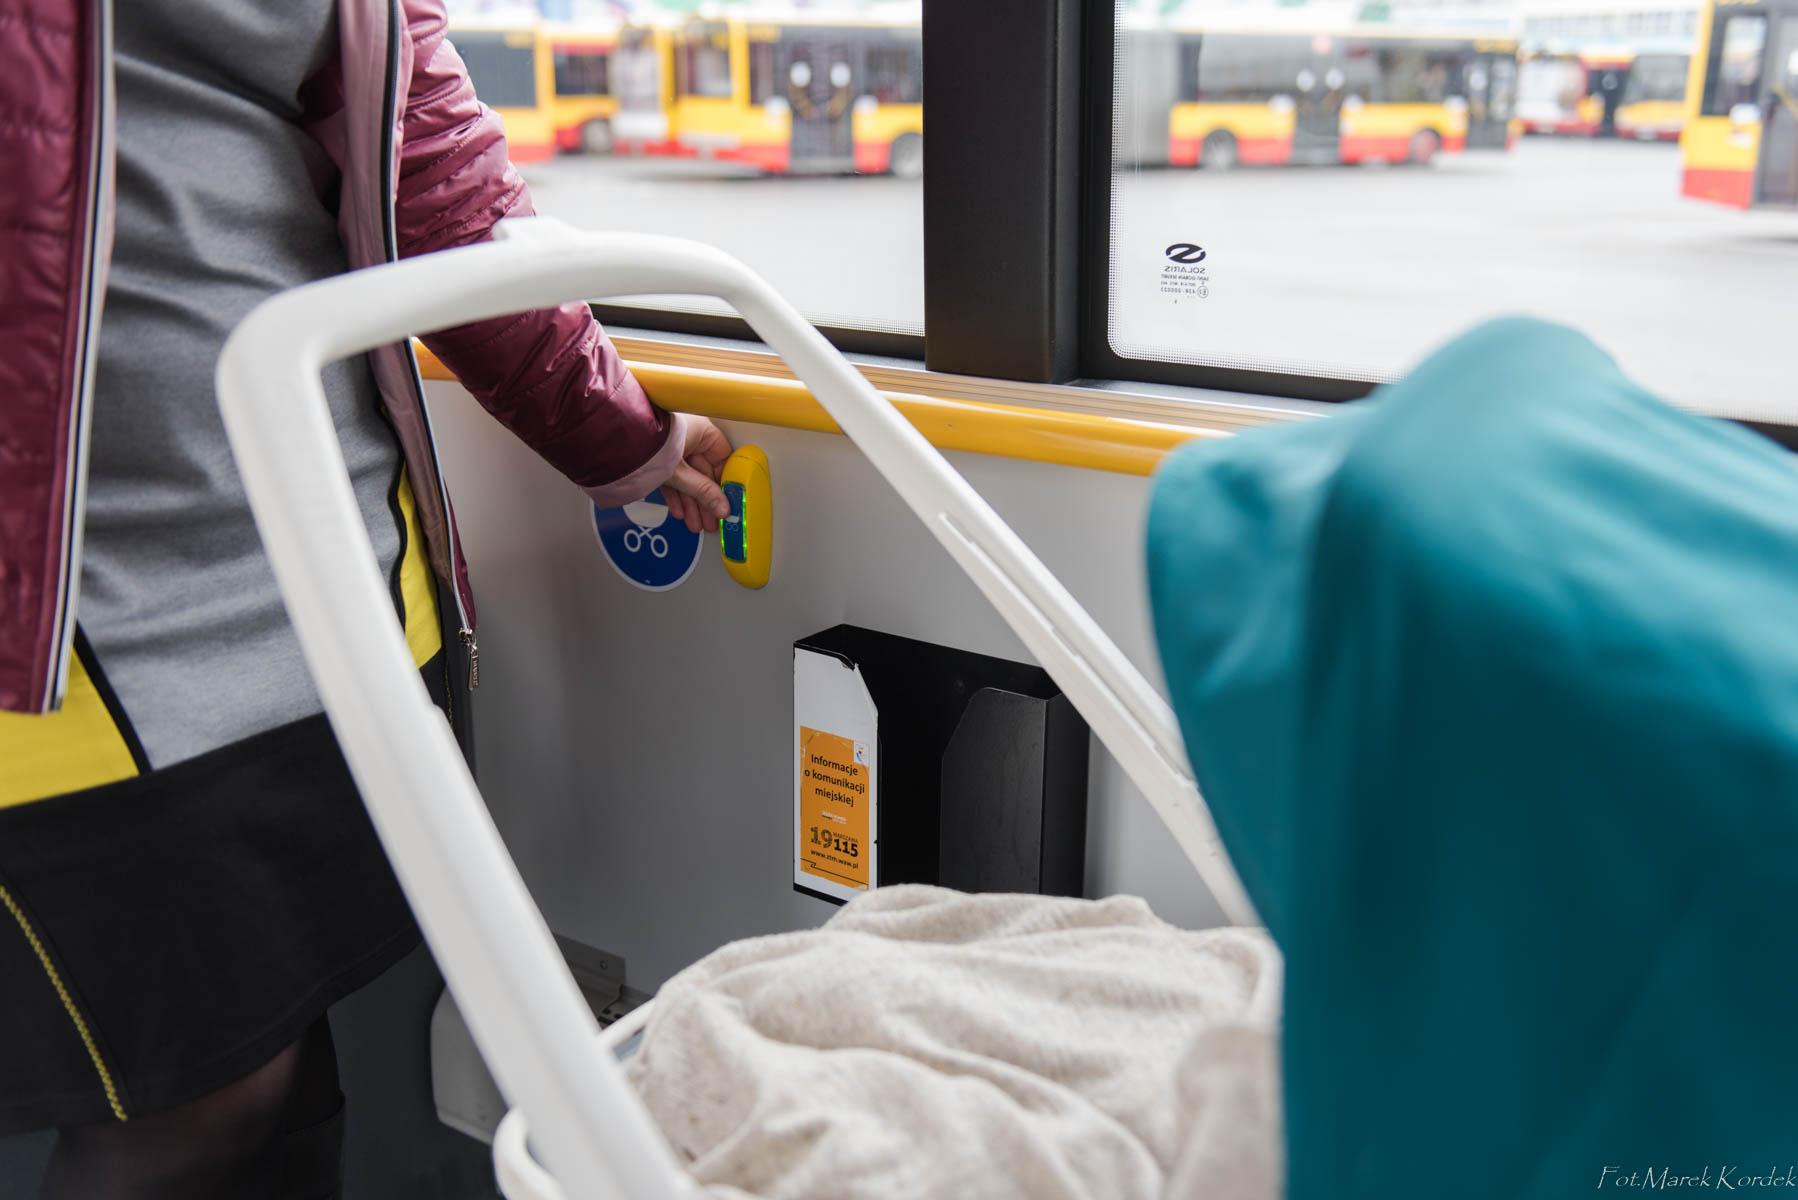 jak bezpiecznie przewozić wózek w autobusie sygnalizowanie wysiadania